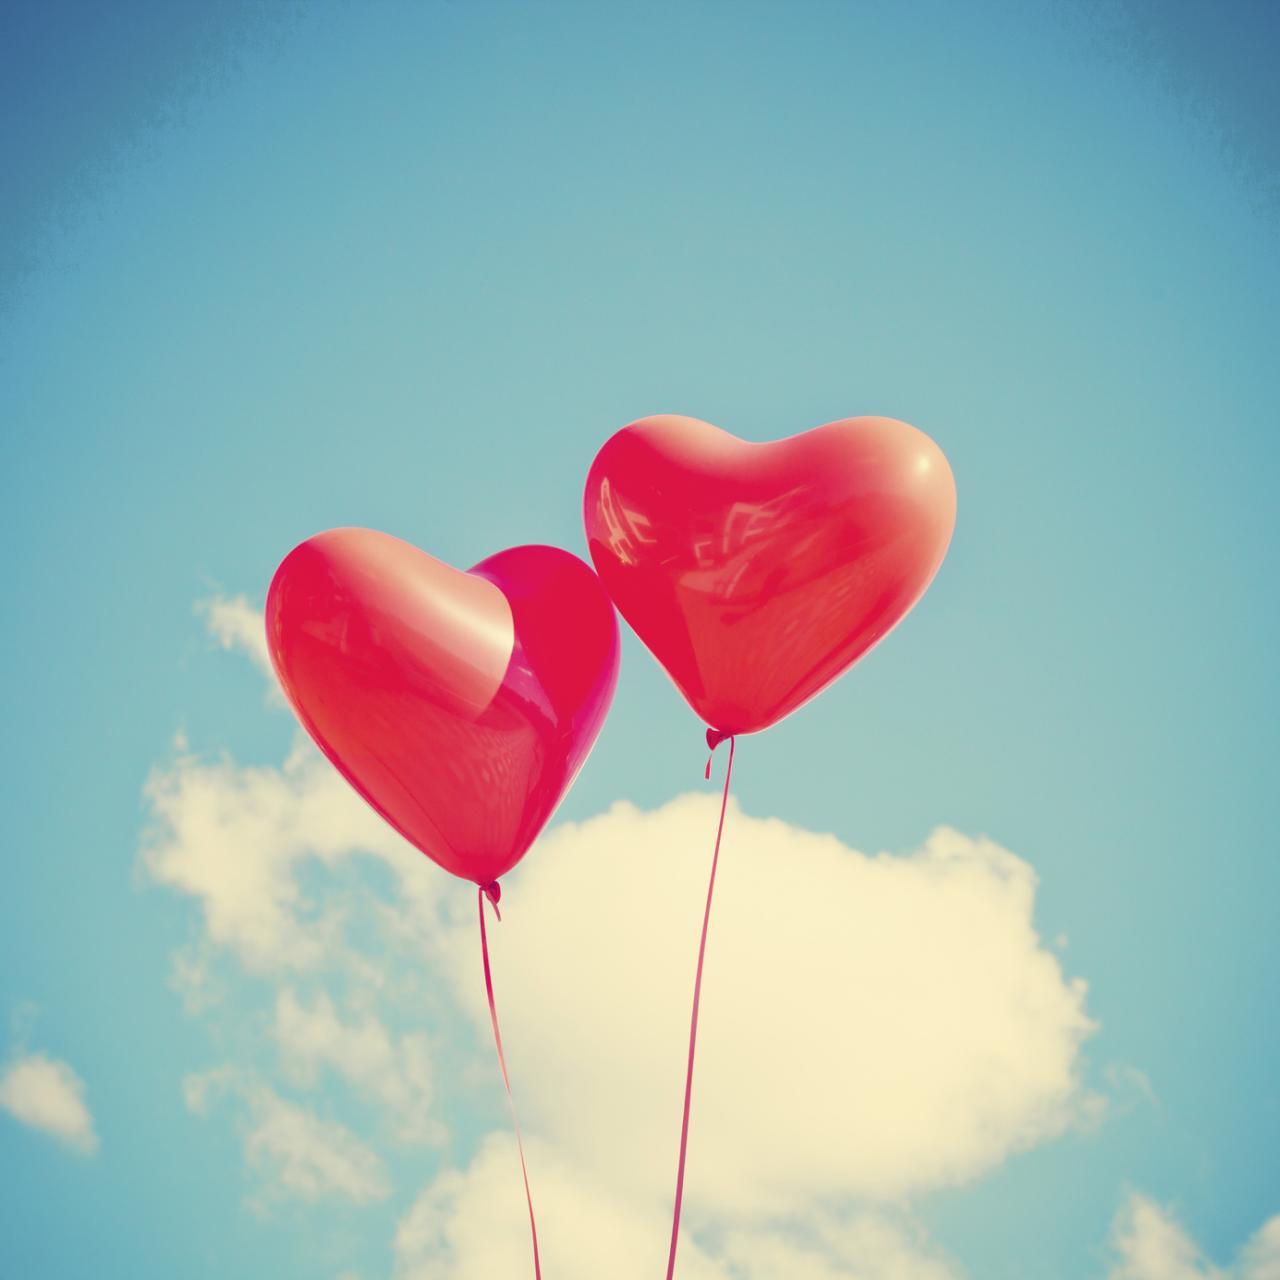 صورة كيف تعرف انك تحب , تعرف على علامات الحب 1522 5